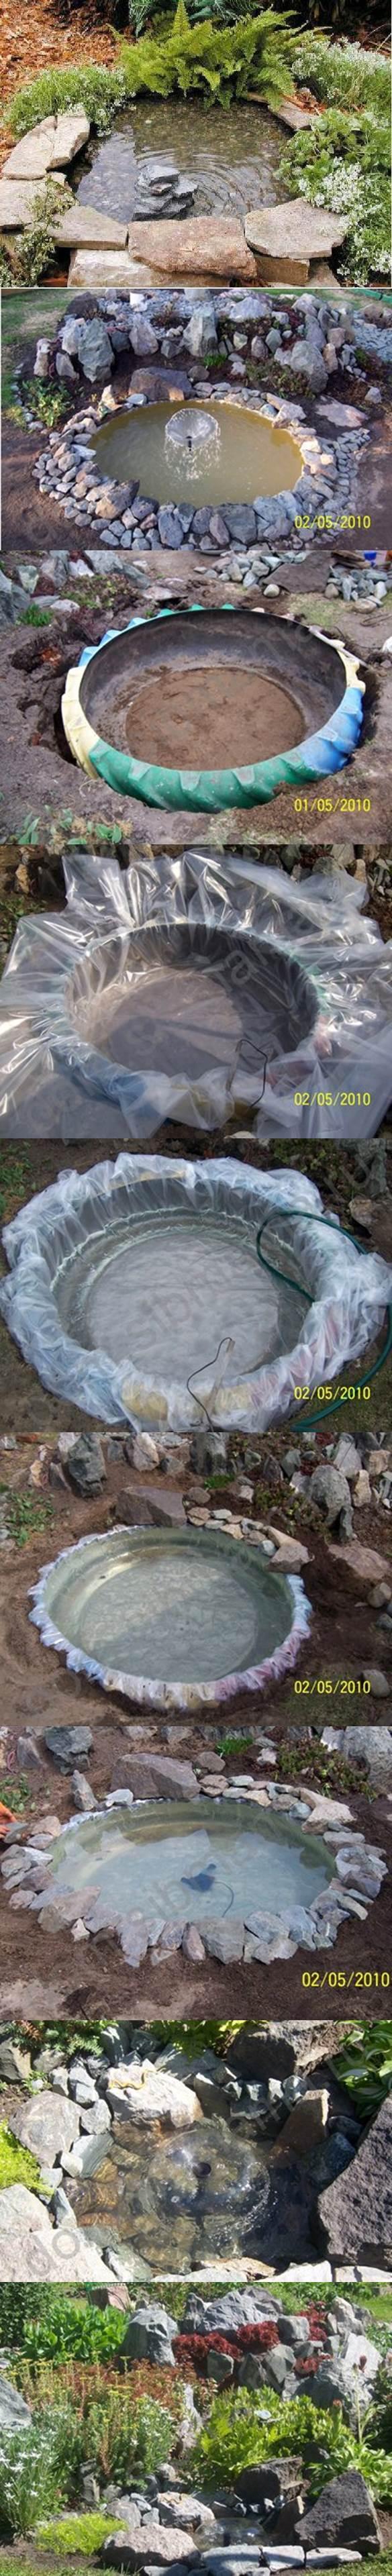 piscine étang avec de vieux pneus (9)